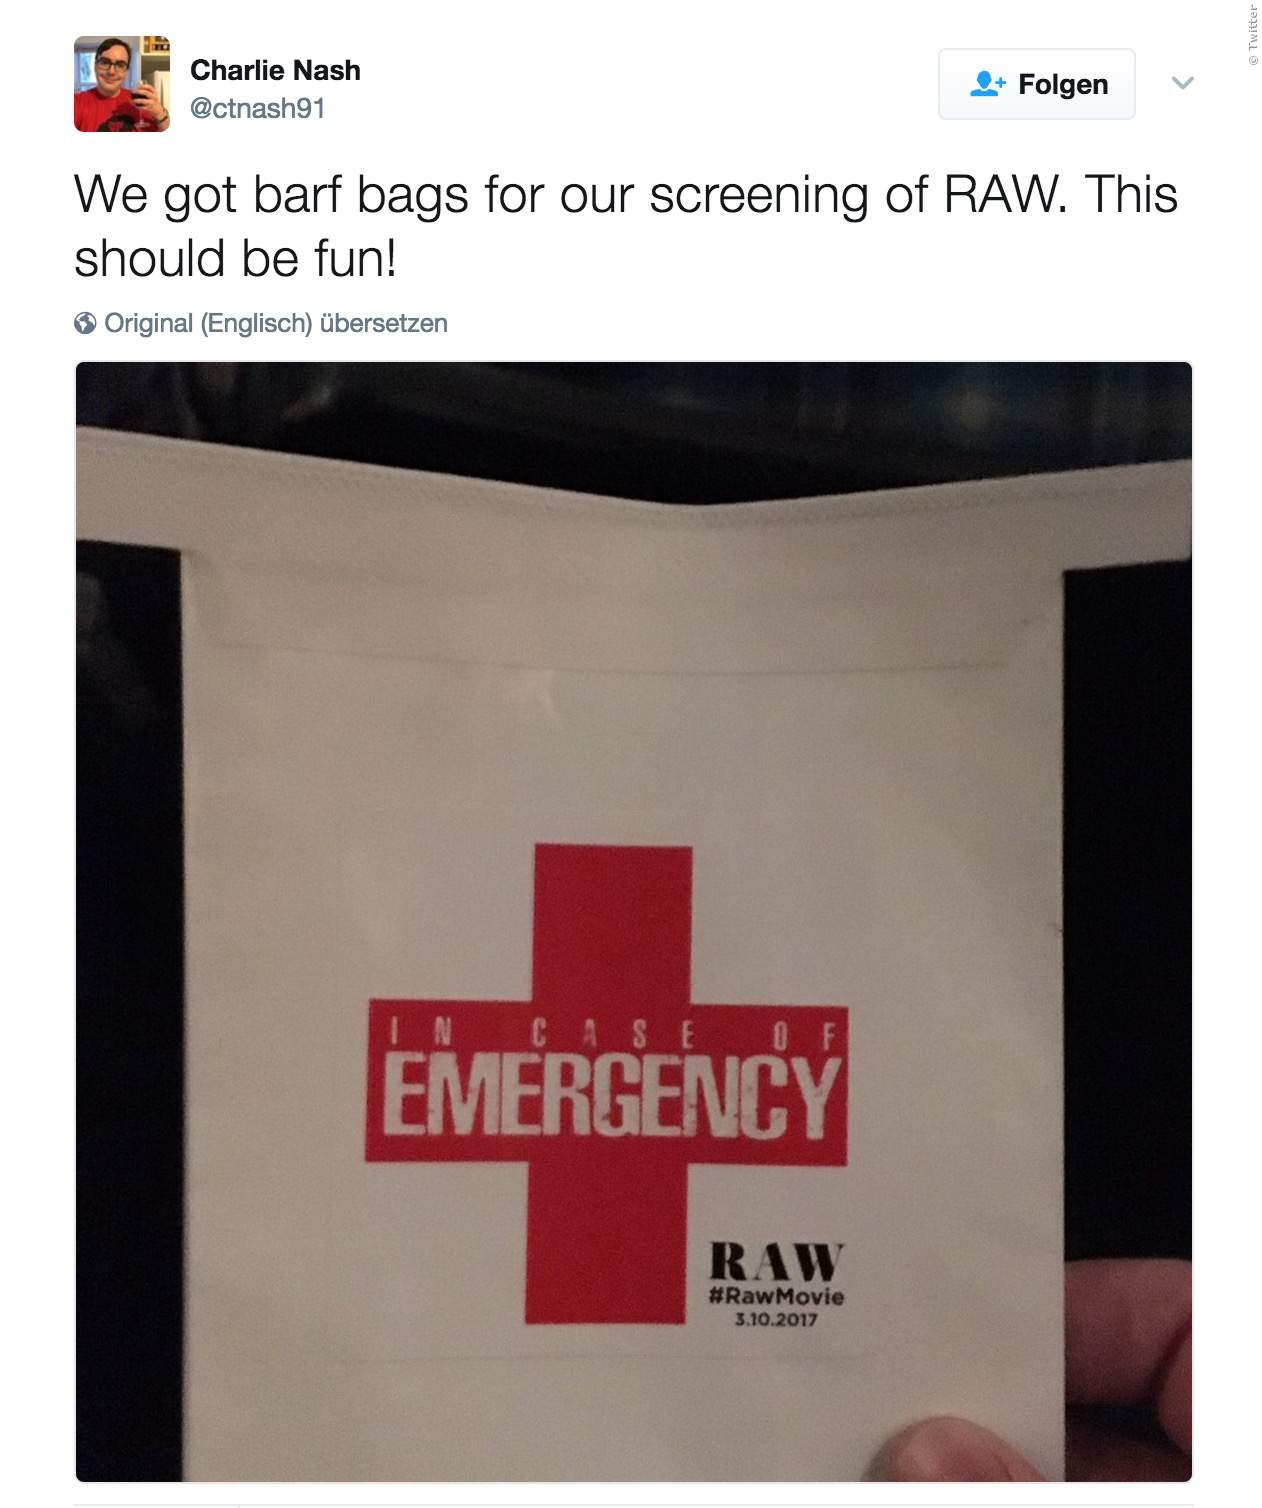 Raw: Kino verteilt Kotztüten vor dem Film - Bild 1 von 1